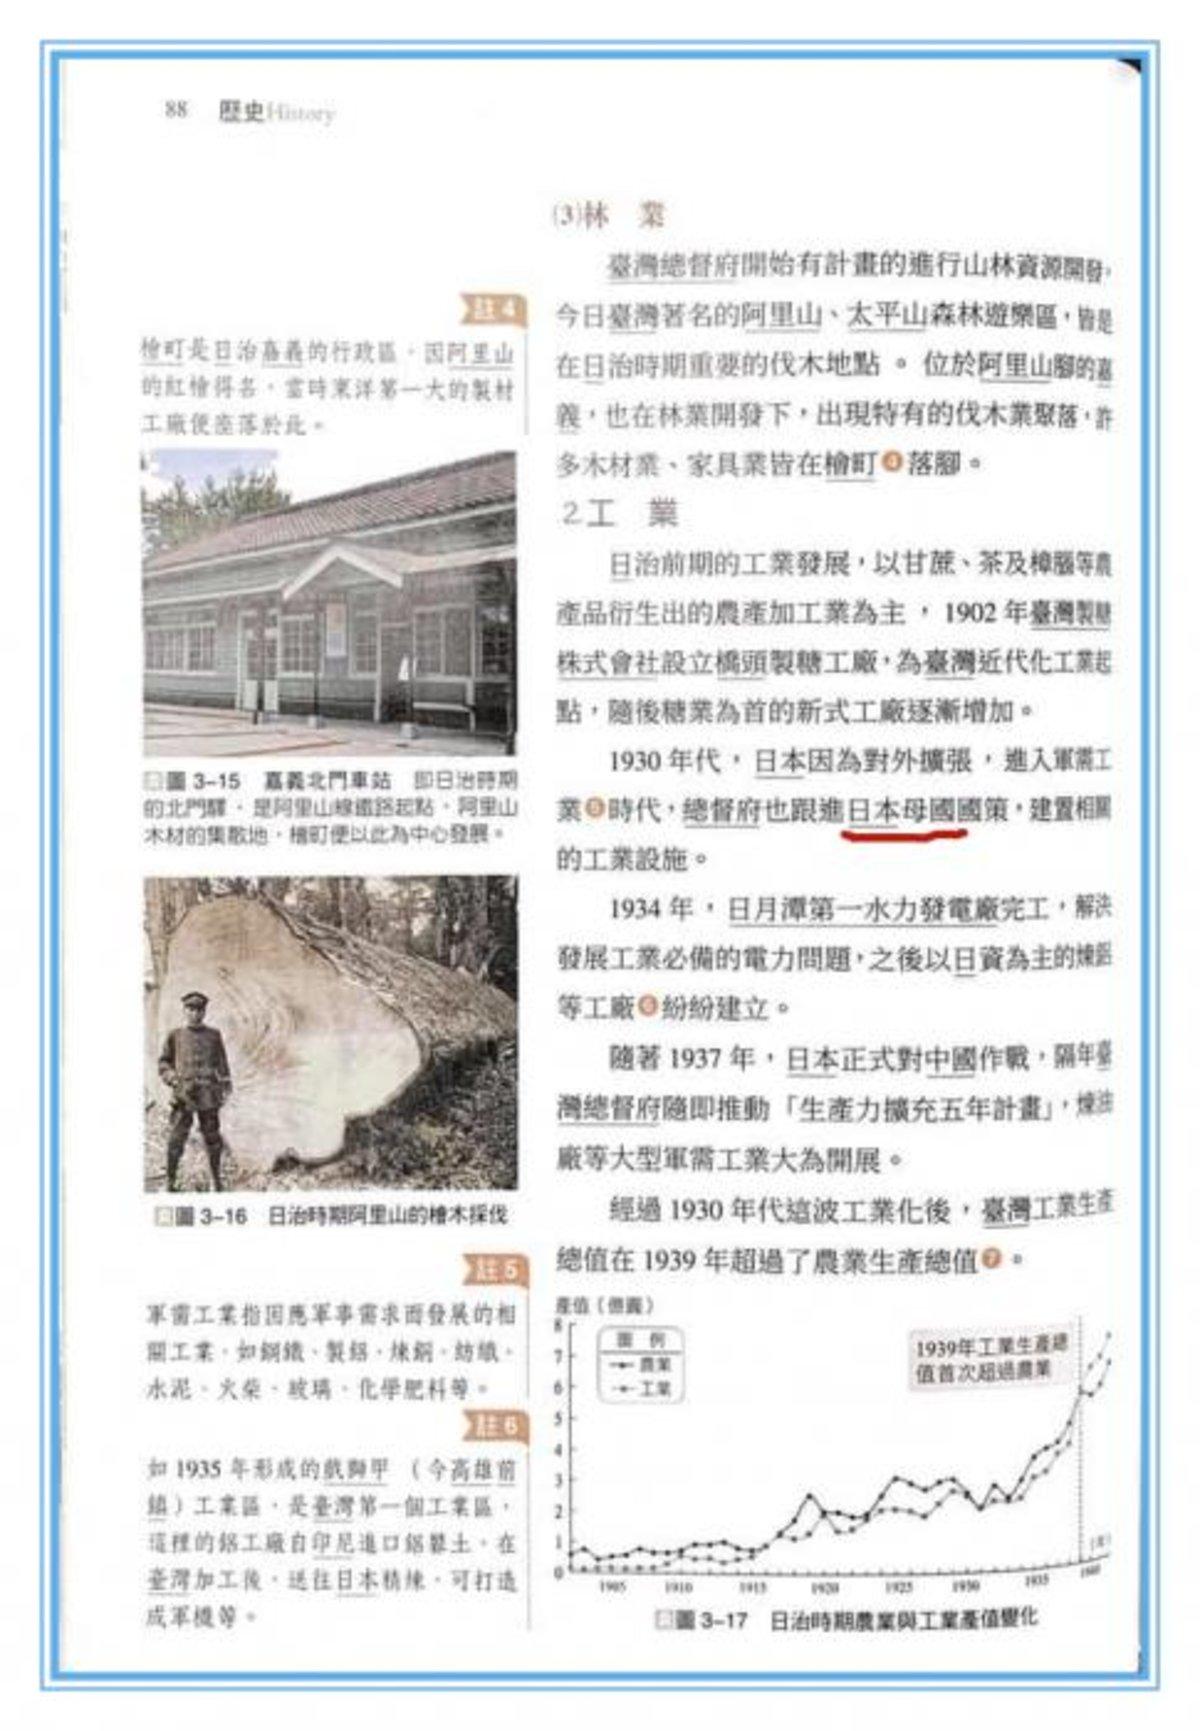 日本を「母国」と表記してしまう台湾の歴史教科書